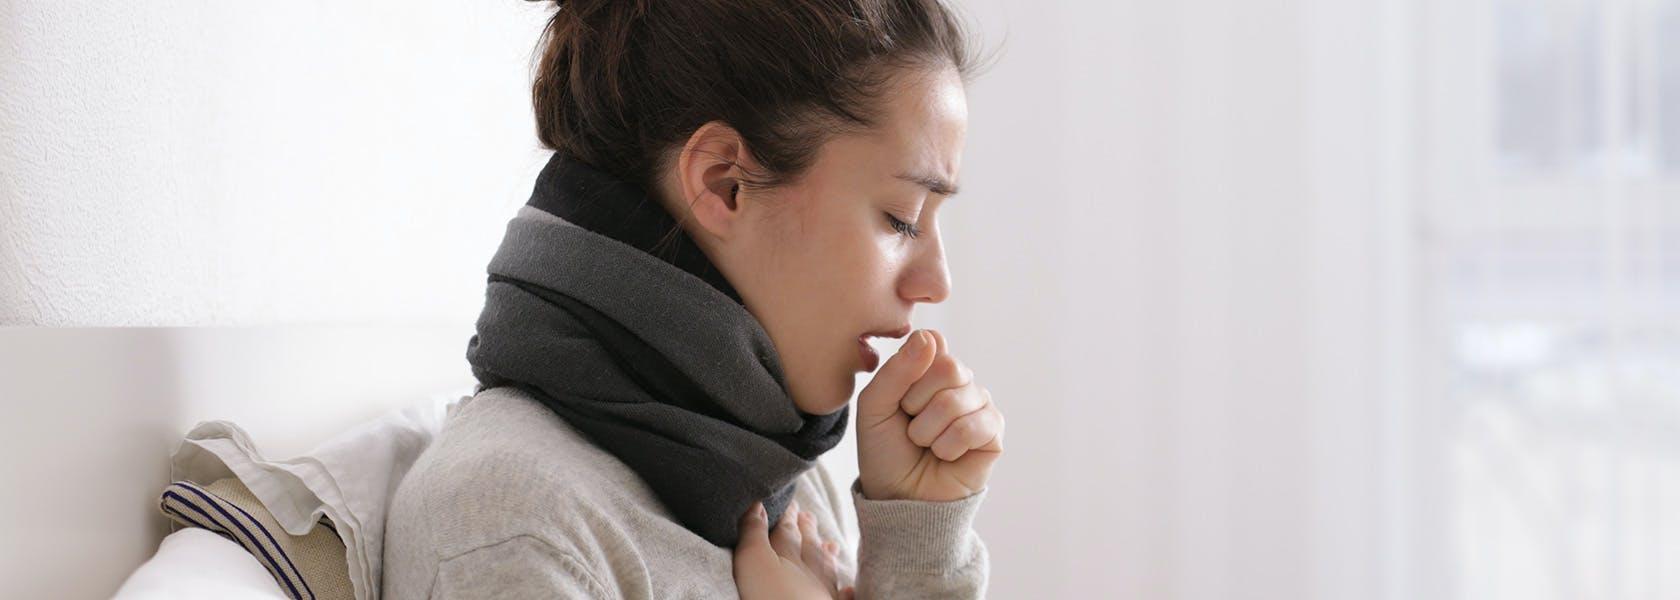 Mujer con síntomas de tos.